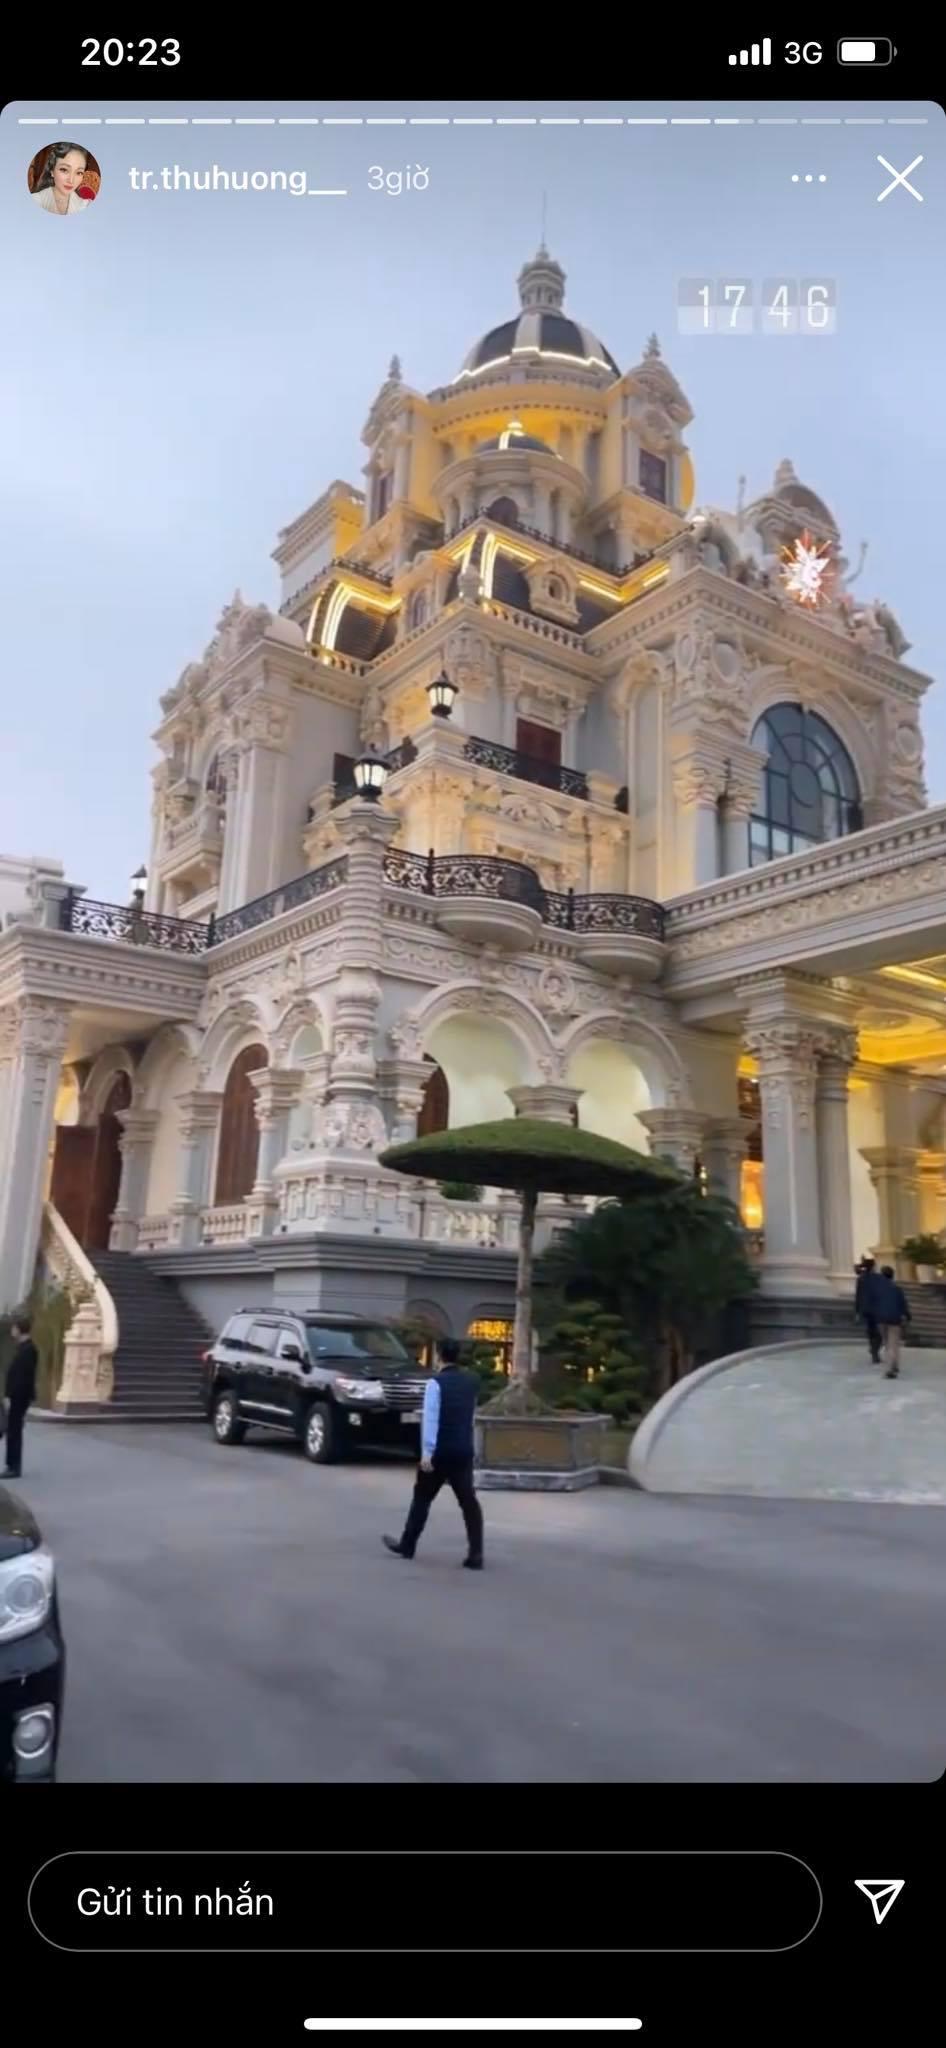 Cô dâu đeo 200 cây vàng bất ngờ chiếm trọn spotlight trên mạng xã hội khi tổ chức tiệc sinh nhật hoành tráng tại lâu đài xịn bậc nhất Nam Định 2